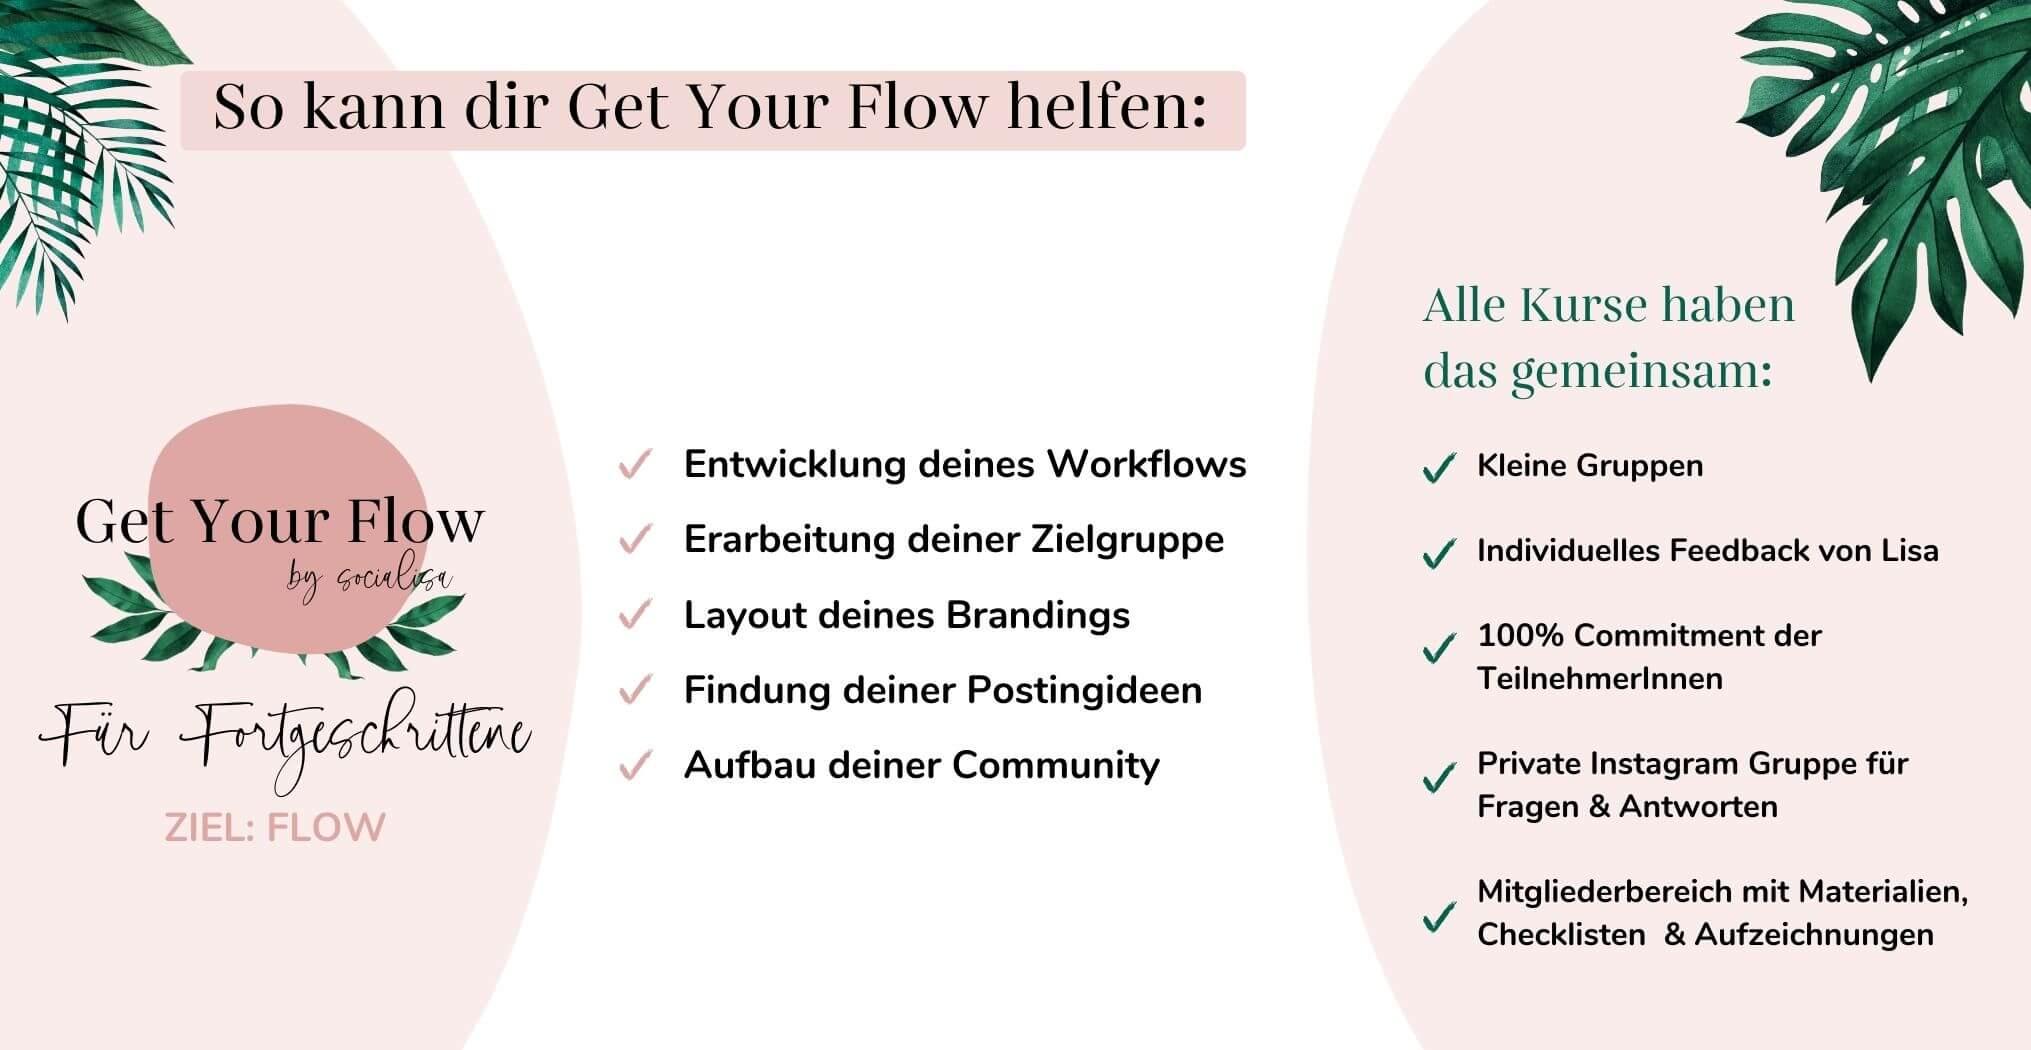 Get Your Flow im Überblick